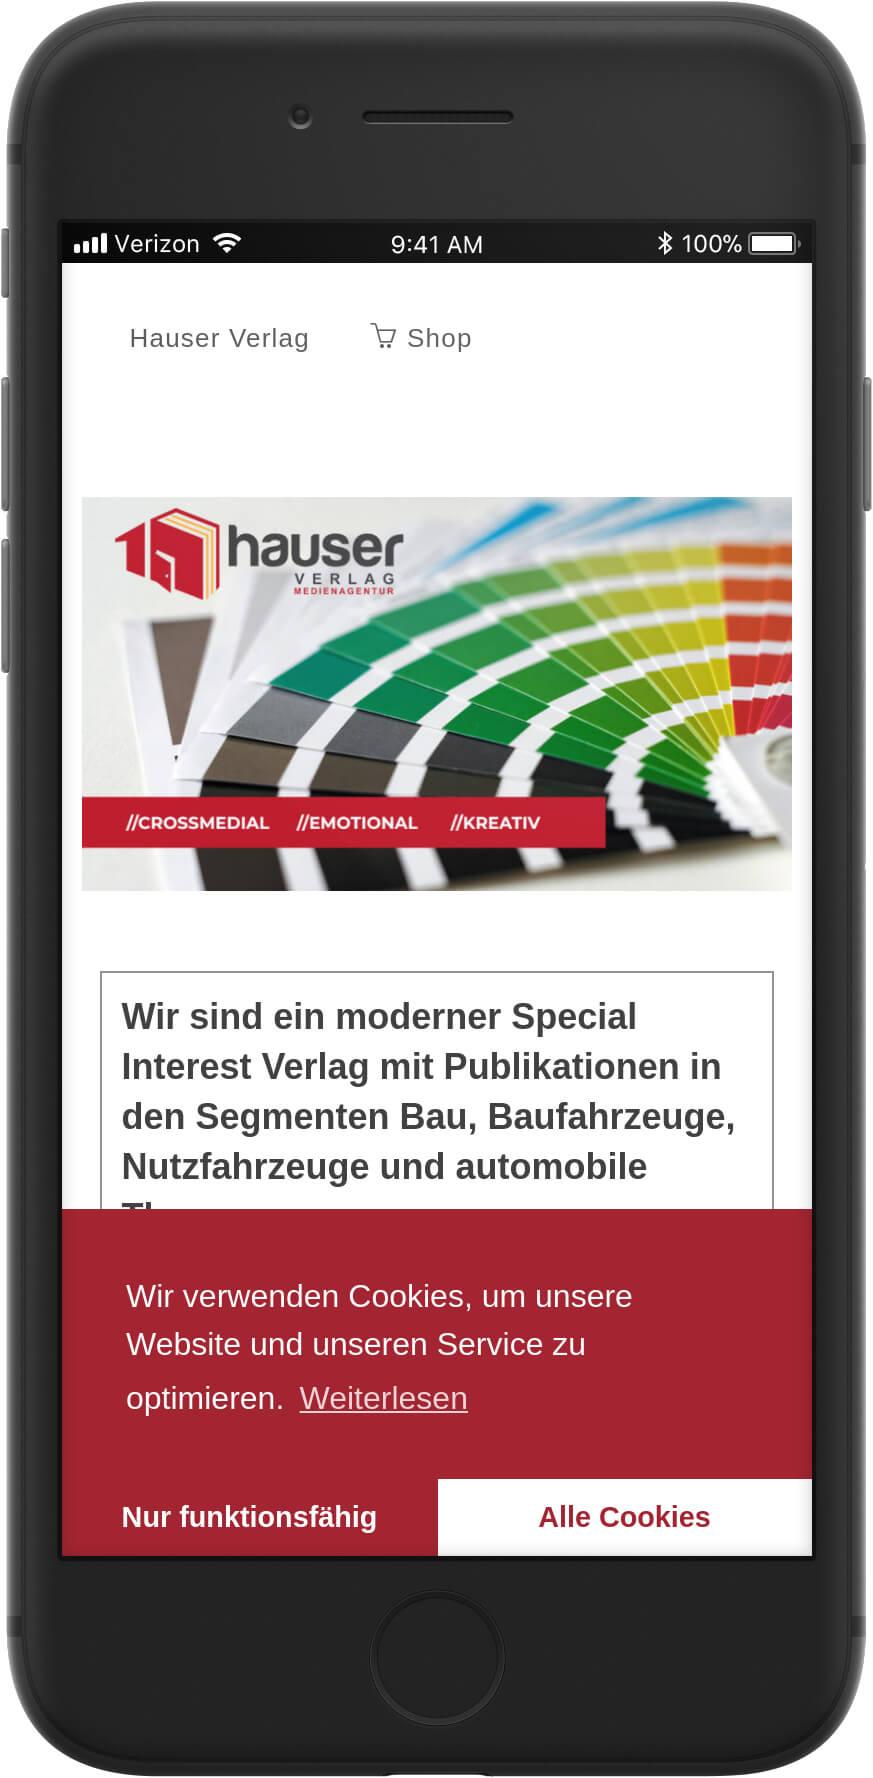 Hauser Verlag